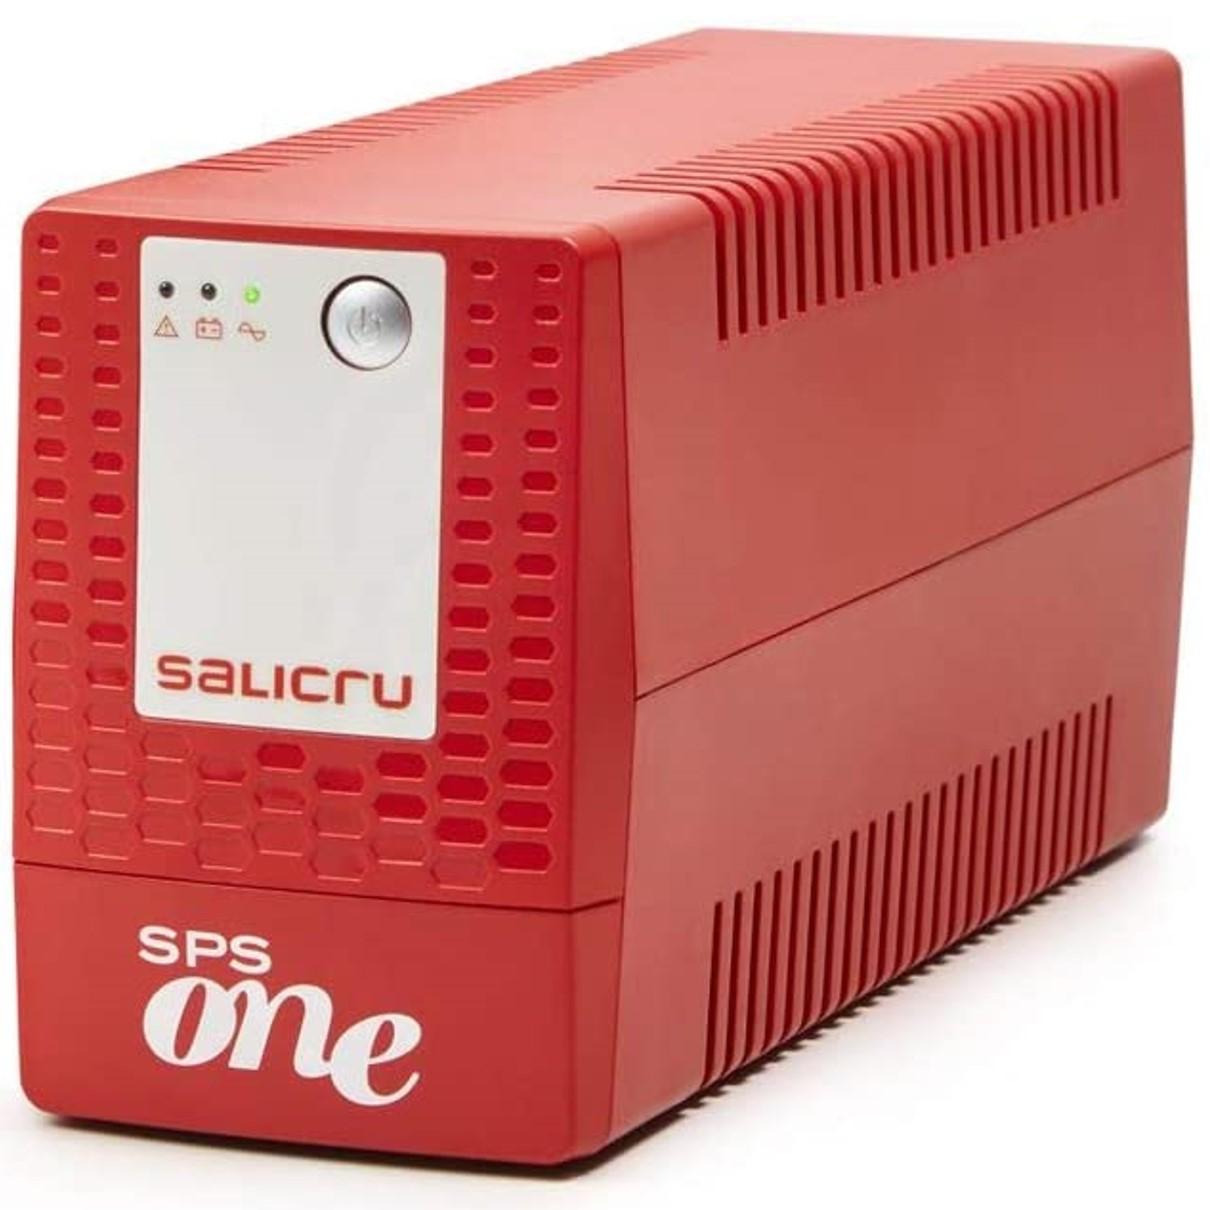 Sai salicru one sps700va - 360w new